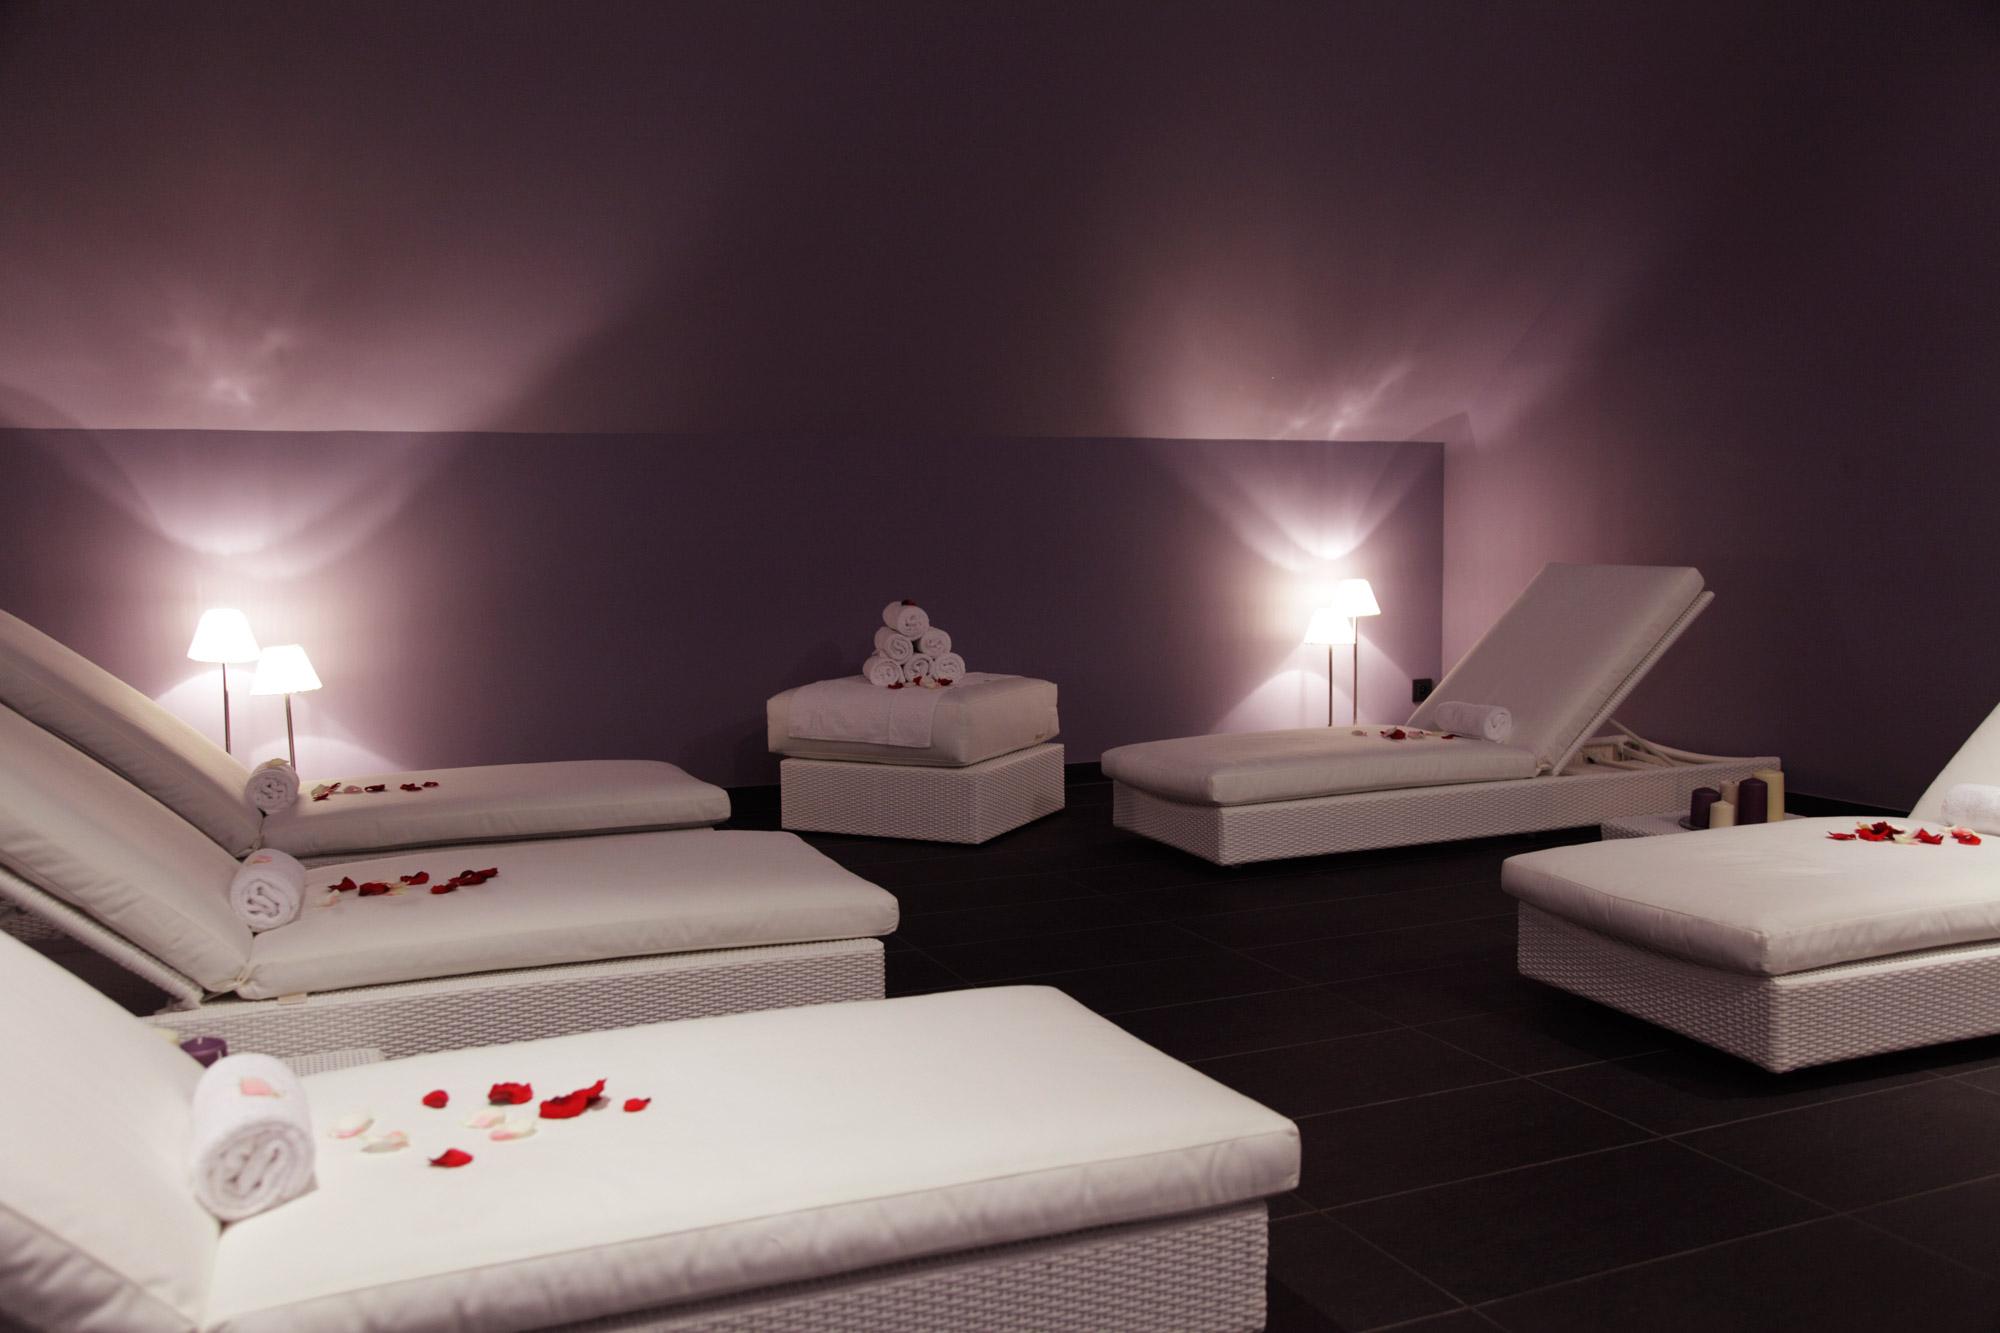 Salle de soins spa équipée de tables de massage parsemées de pétales de roses dans une ambiance tamisée